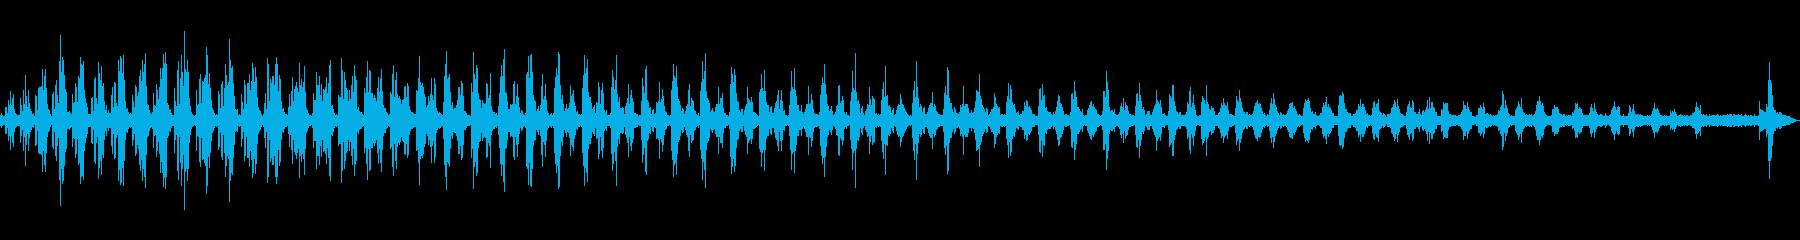 小綬鶏(コジュケイ)の鳴き声の再生済みの波形